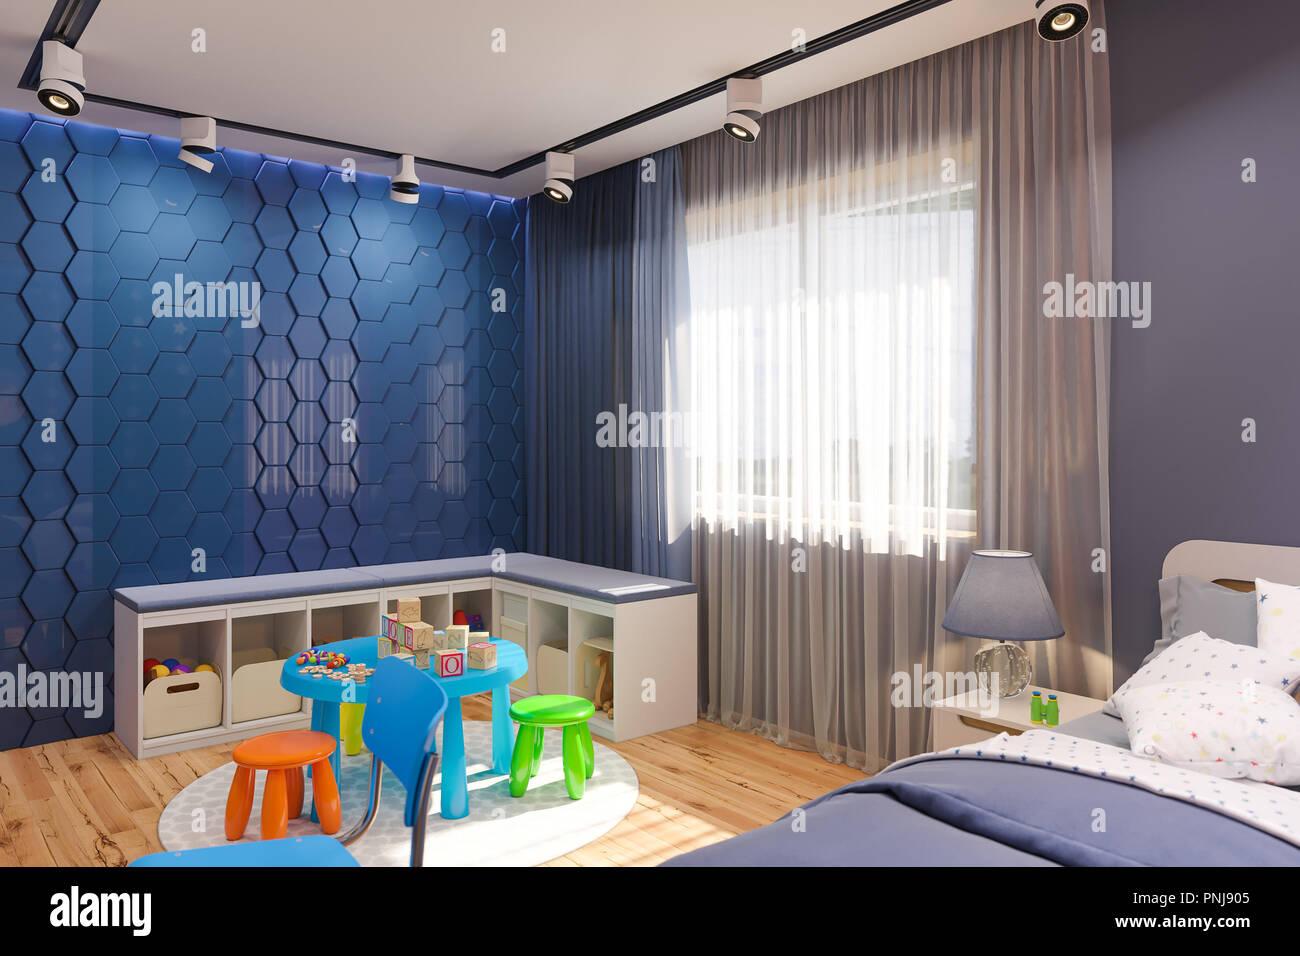 3d Render Of The Children S Bedroom In Deep Blue Color